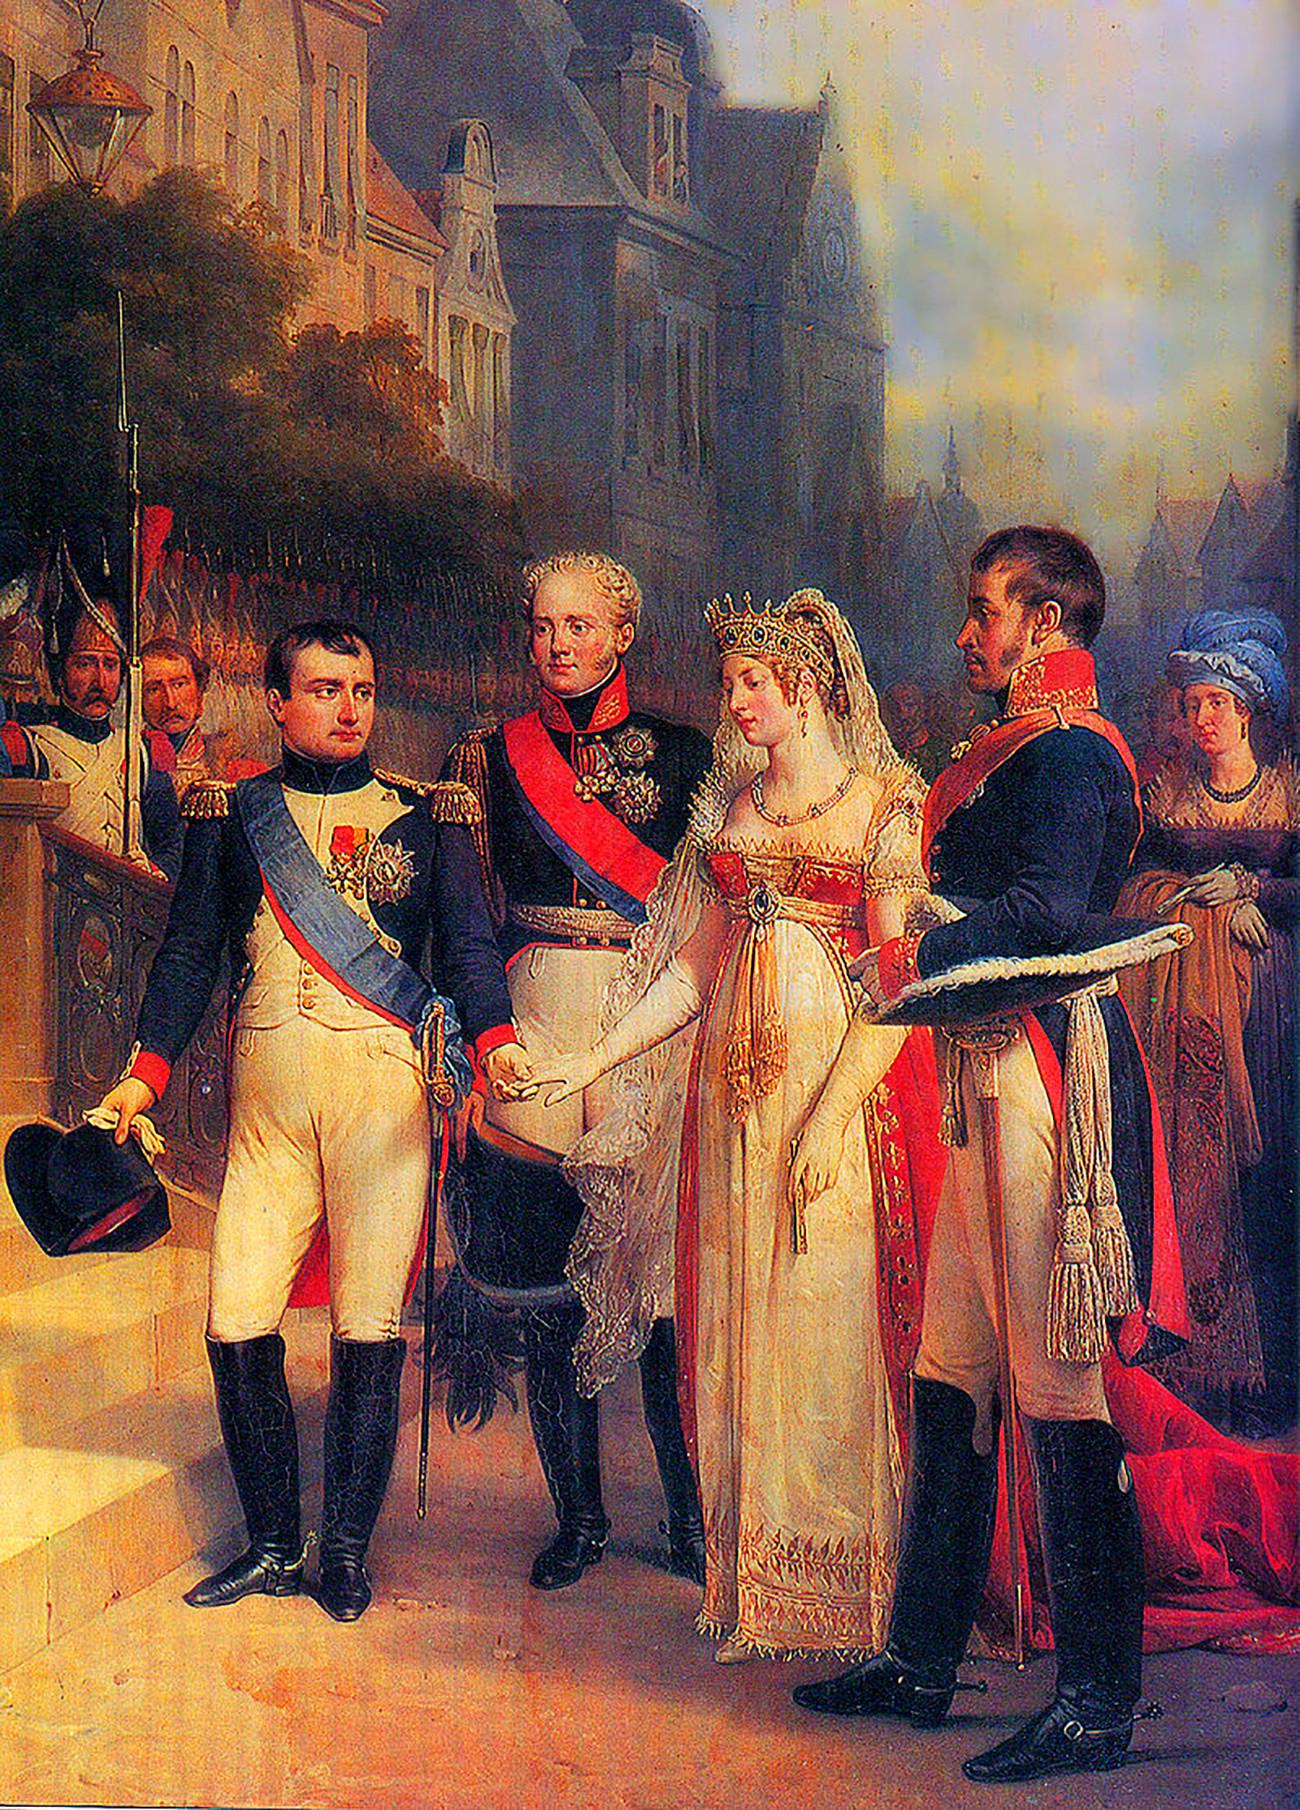 Rencontre de Tilsit en1807. De gauche à droite : Napoléon, Alexandre Ier, Louise de Prusse, Frédéric-Guillaume III